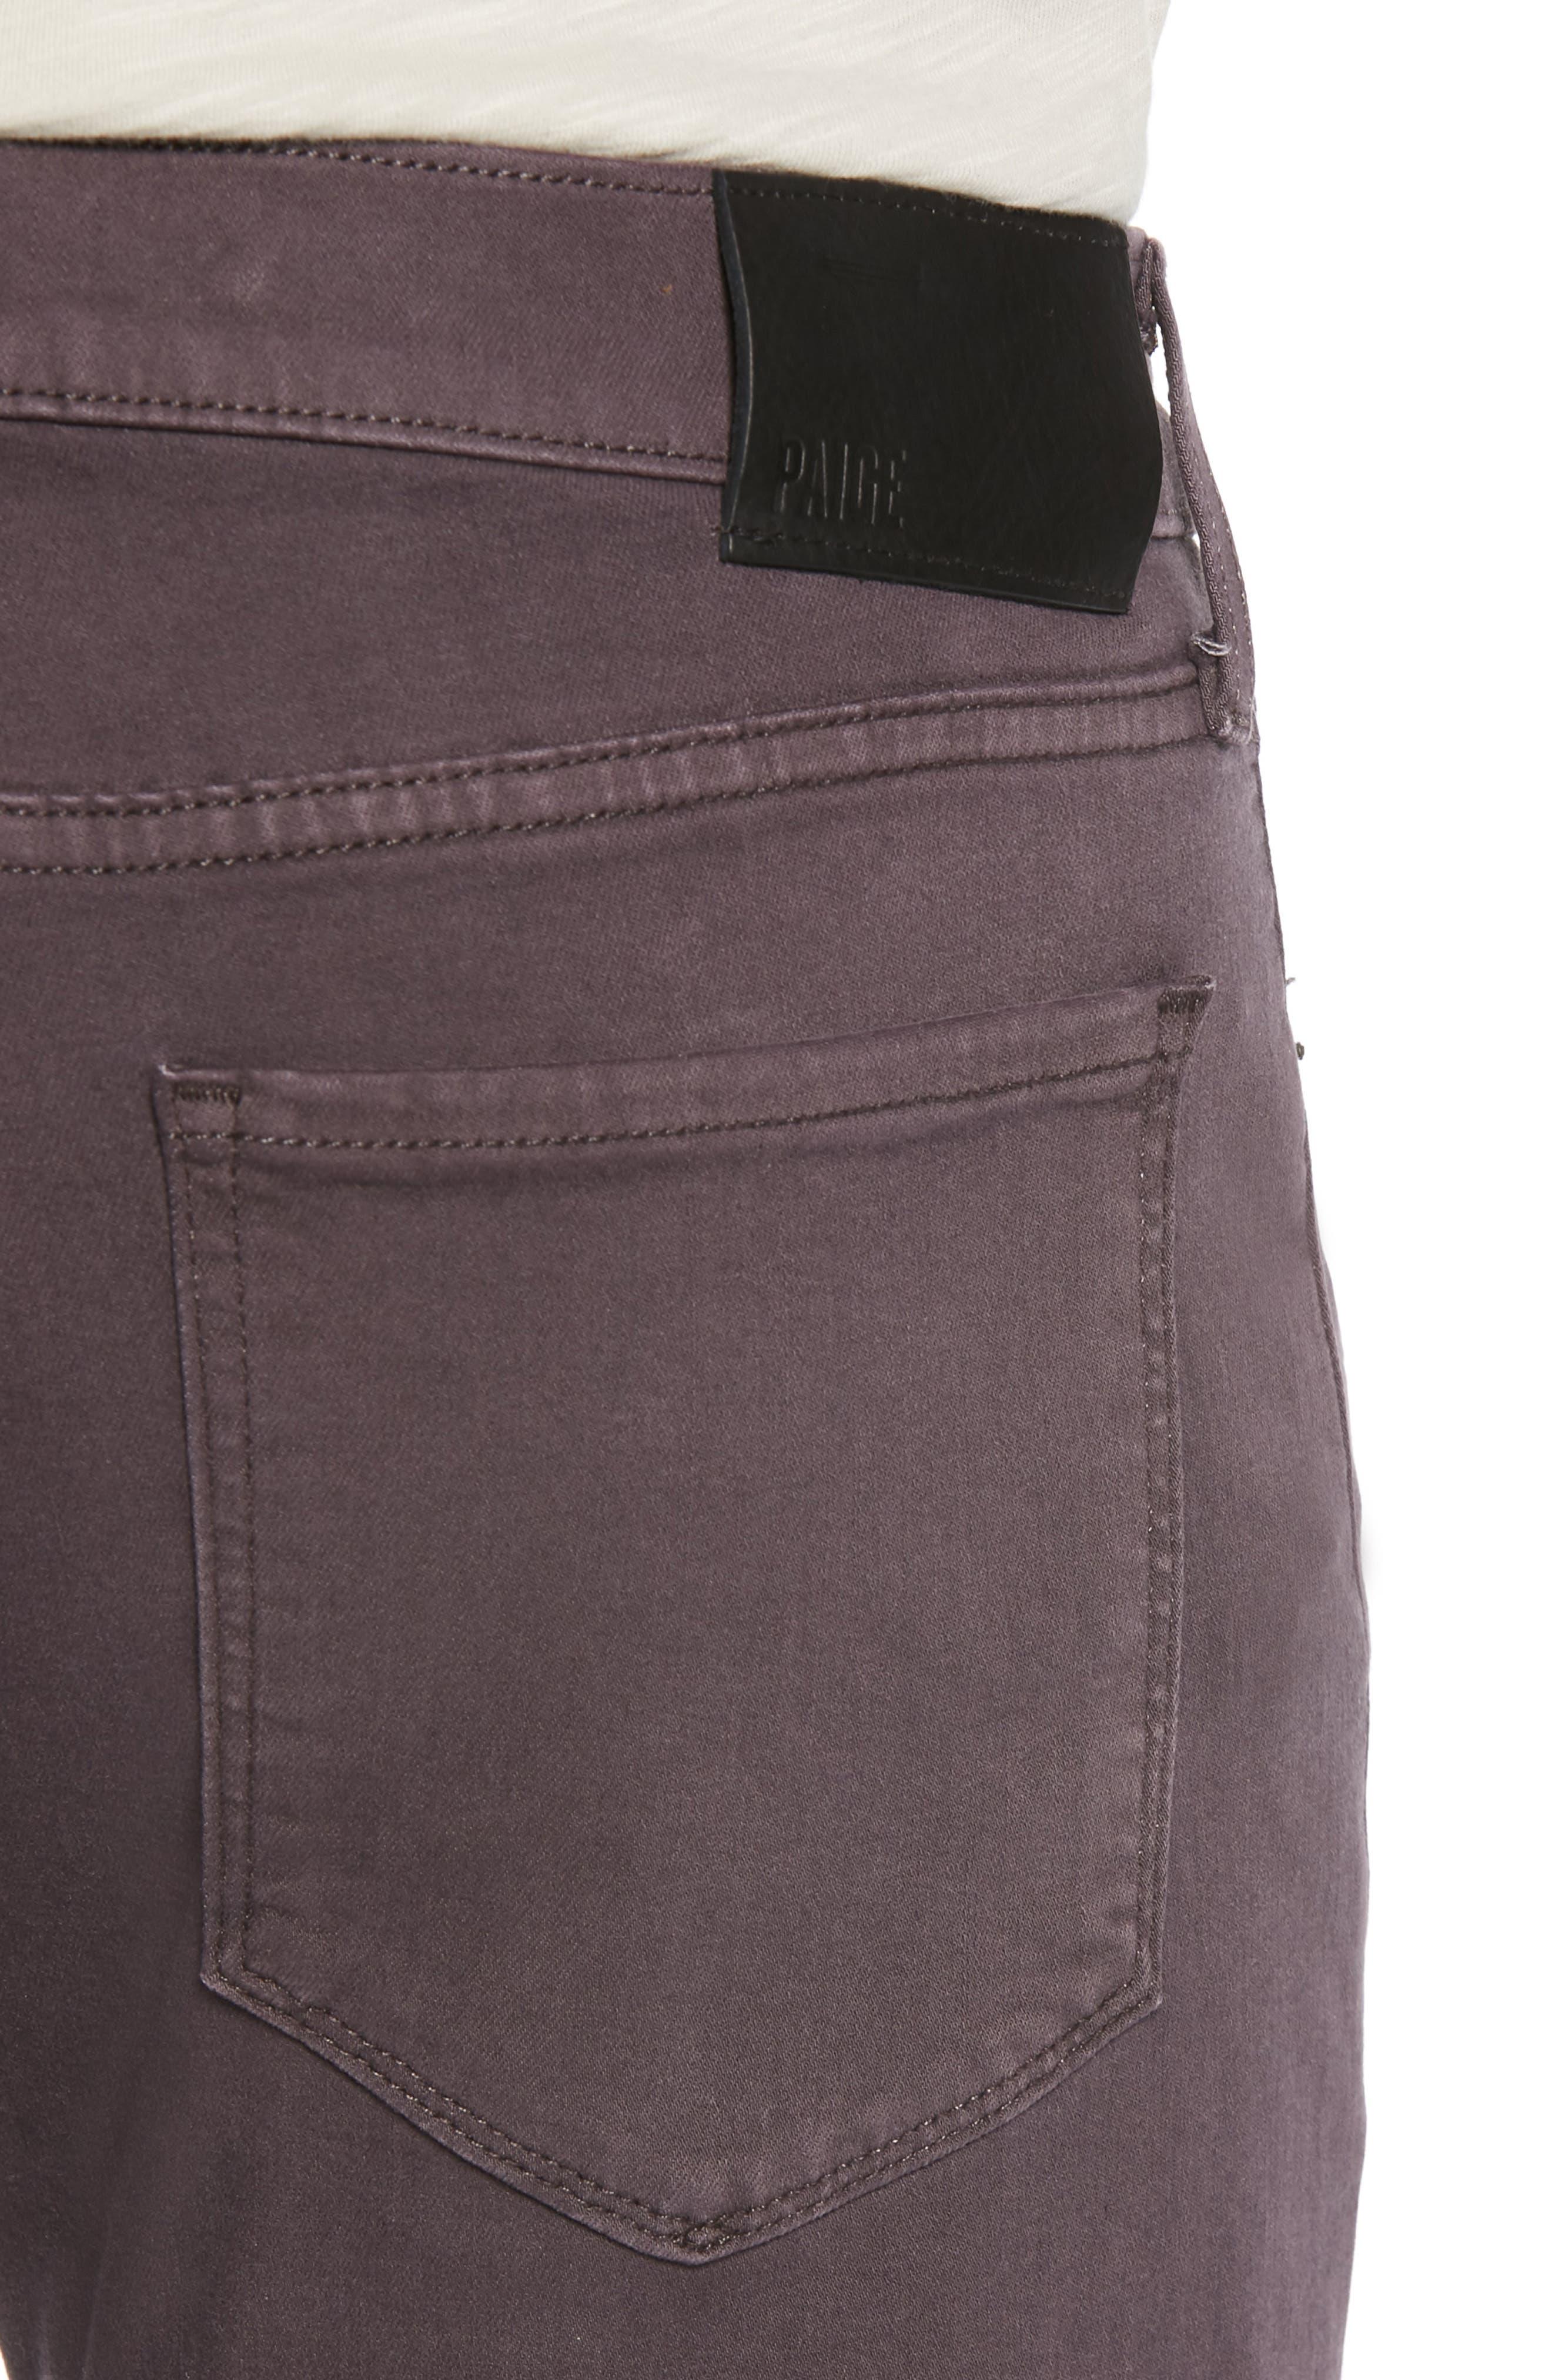 Transcend - Lennox Slim Fit Jeans,                             Alternate thumbnail 4, color,                             VINTAGE PLUM WINE